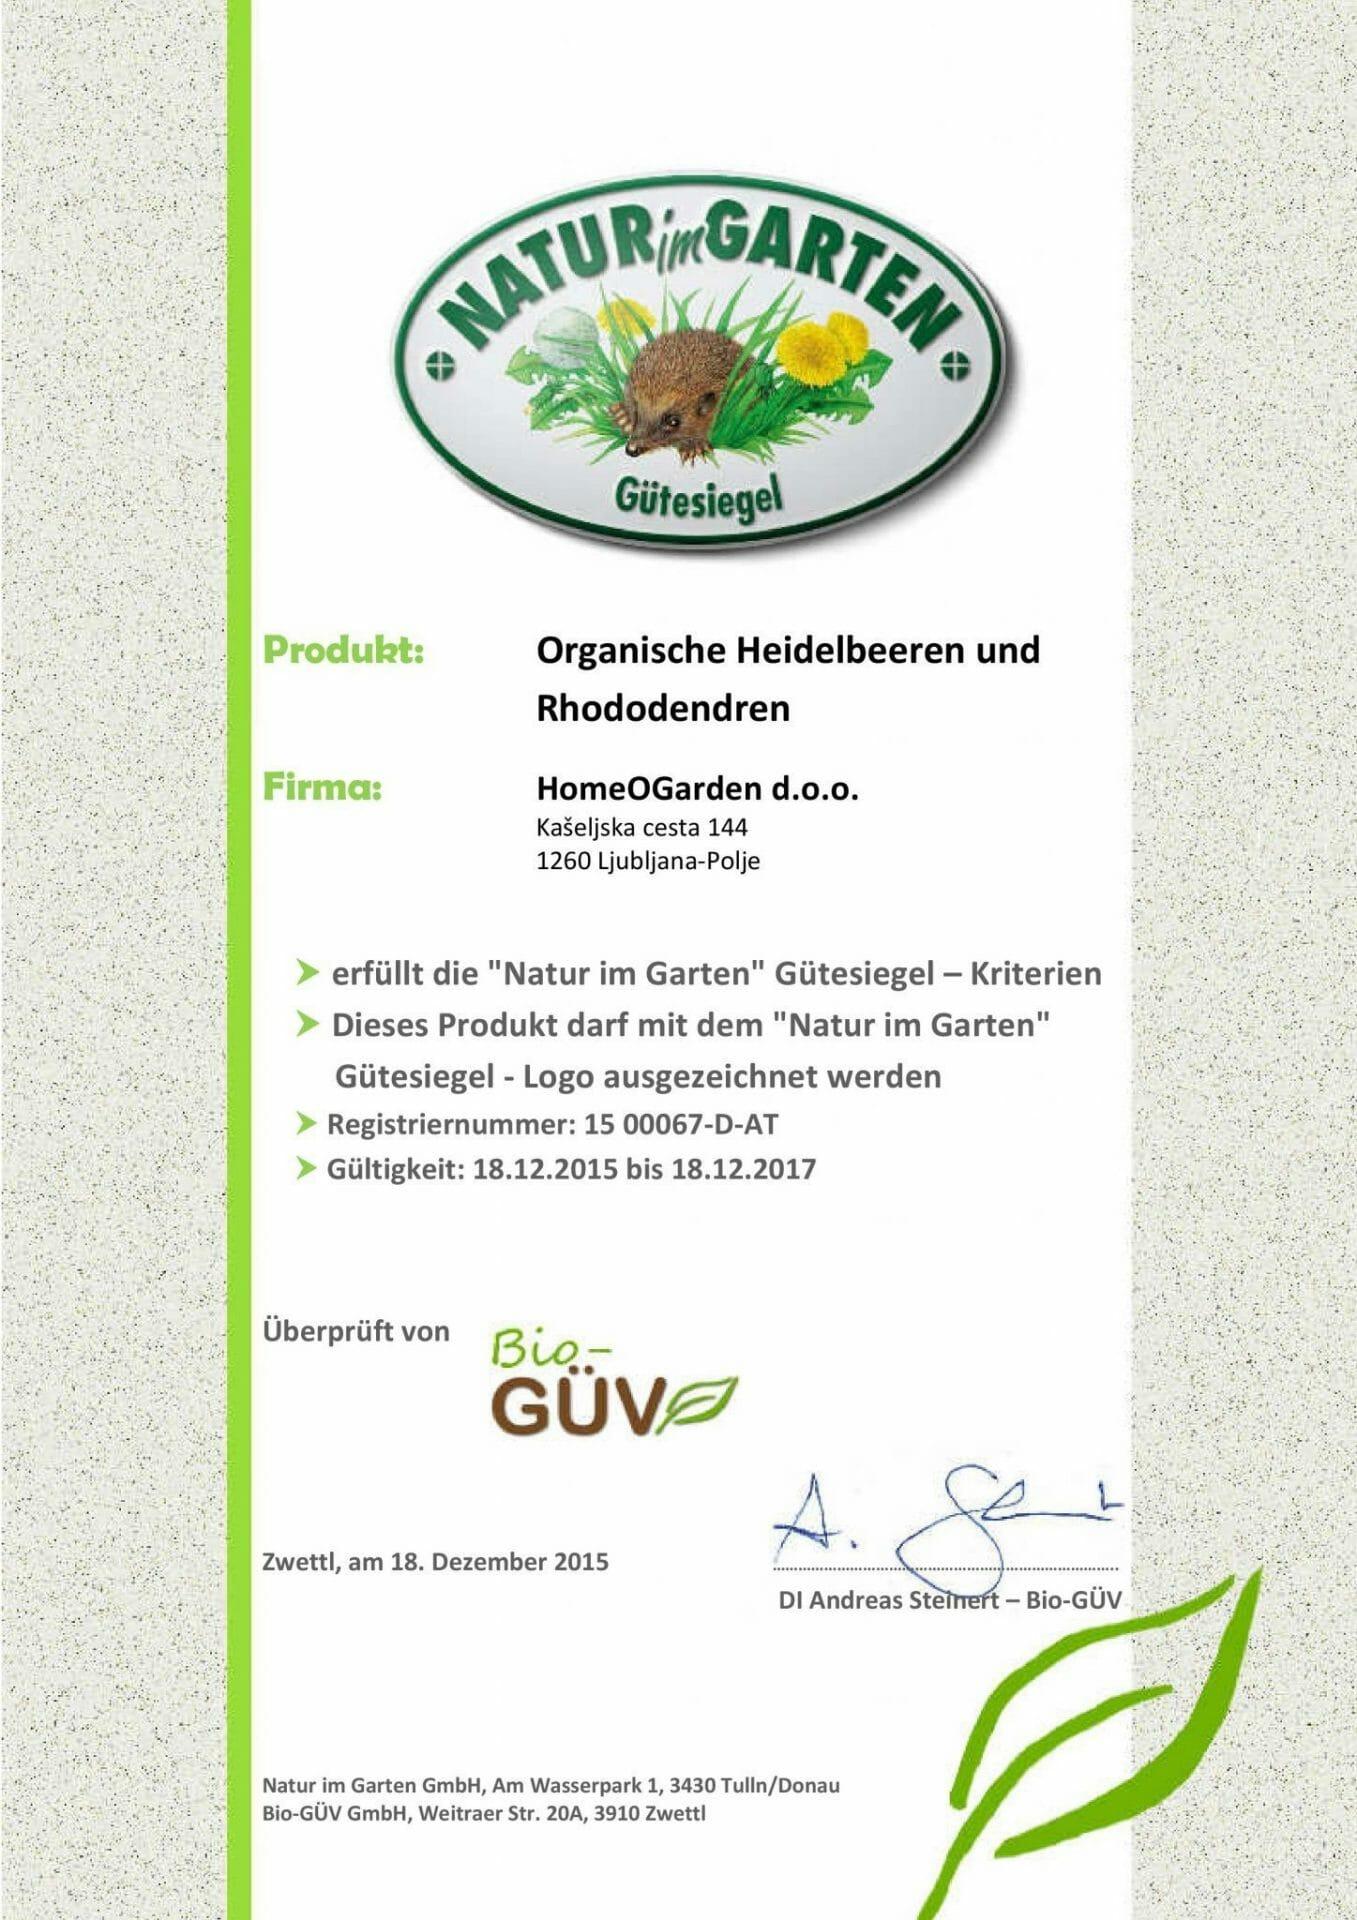 67. HomeOGarden, Organische Heidelbeeren und Rhododendren-page-001